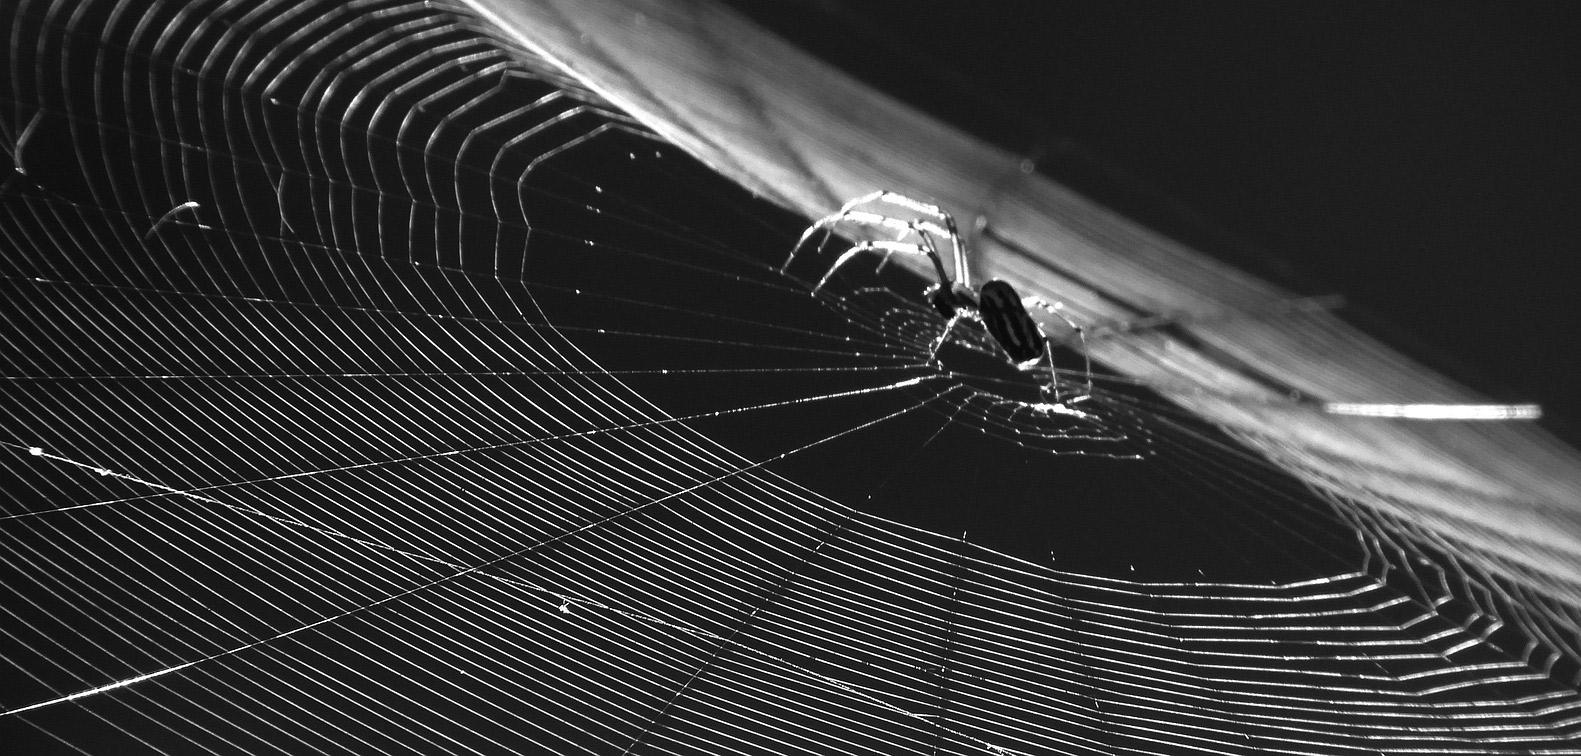 O čom diskutuje darknet v časoch globálnej pandémie?